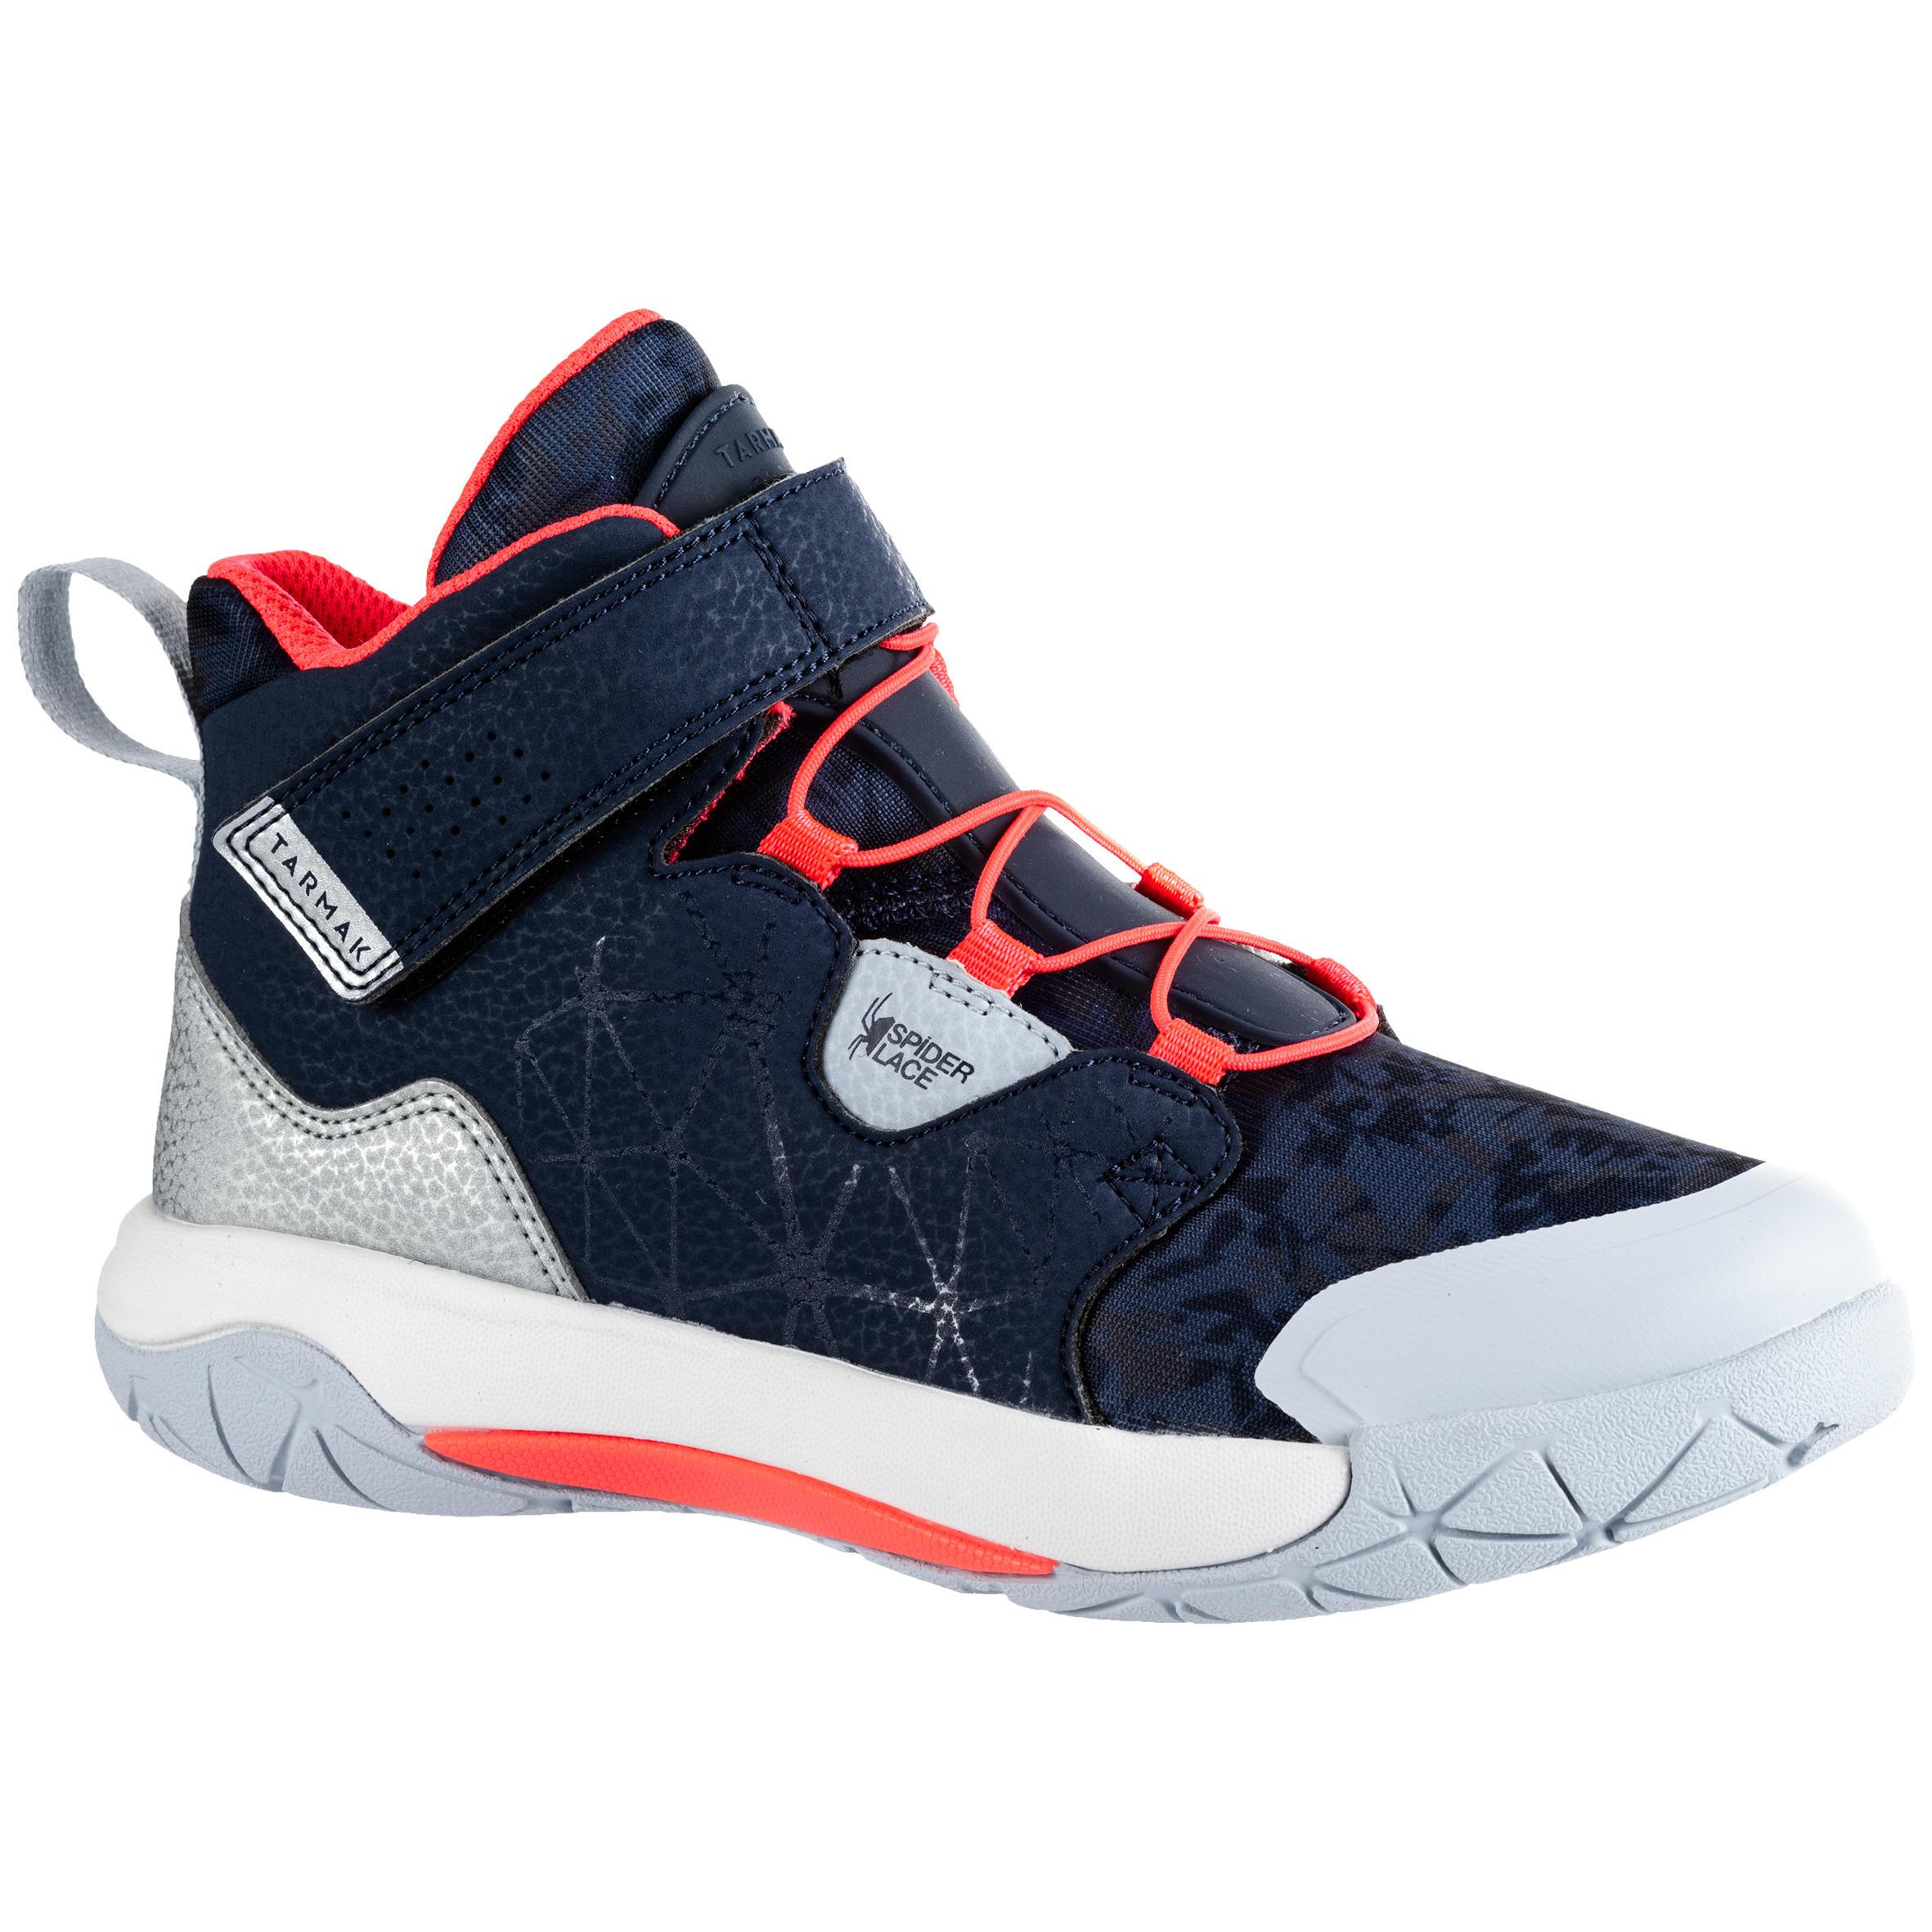 aa83c2d5576348 Basketbalschoenen kopen? | Decathlon.nl